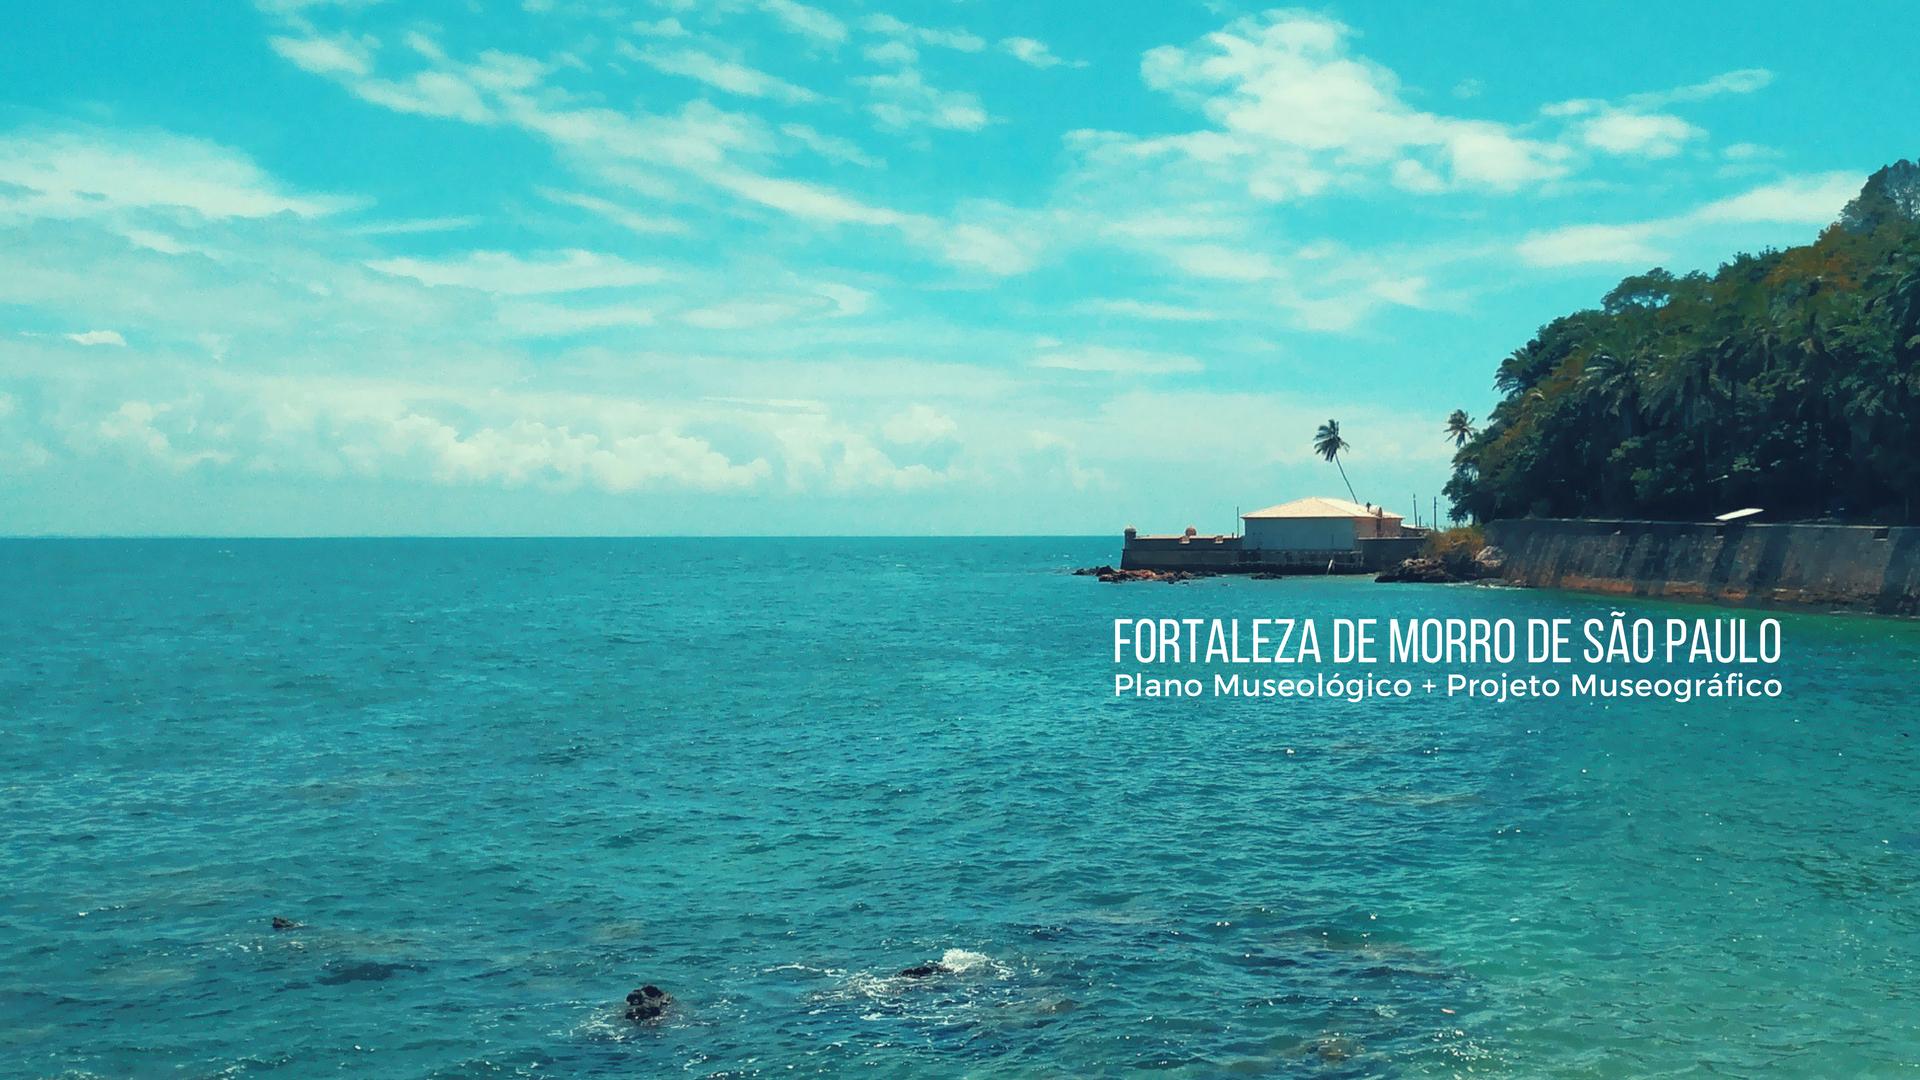 Fortaleza_de_Morro_de_São_Paulo(4)